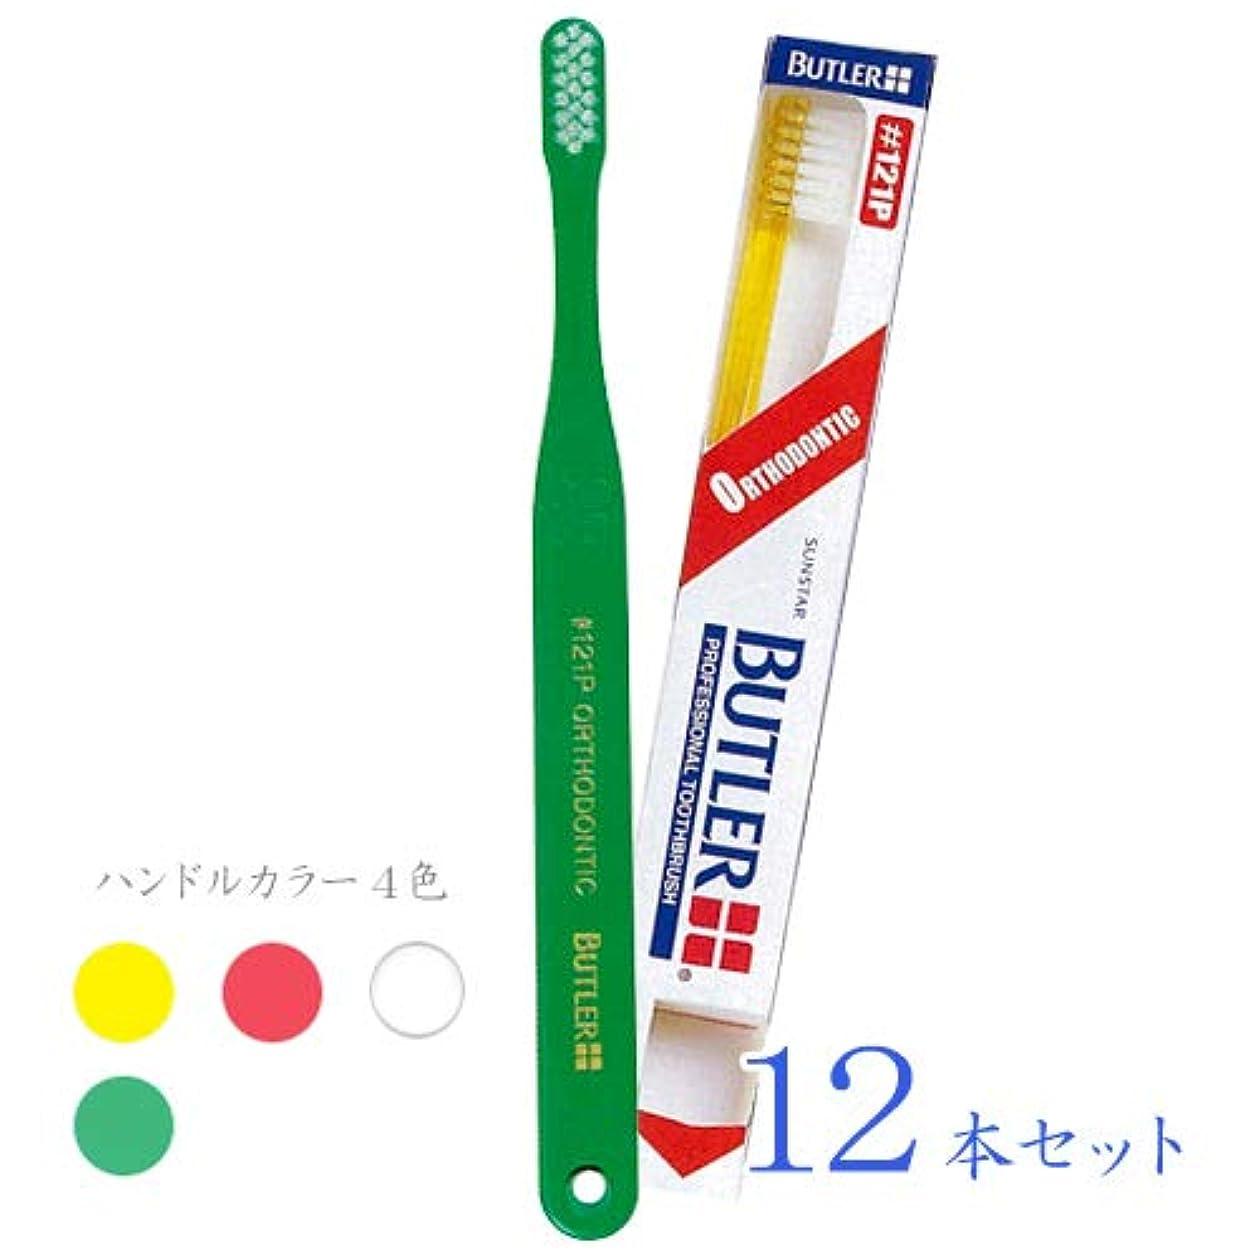 証人ビーズ成分バトラー 歯ブラシ #121P 12本入